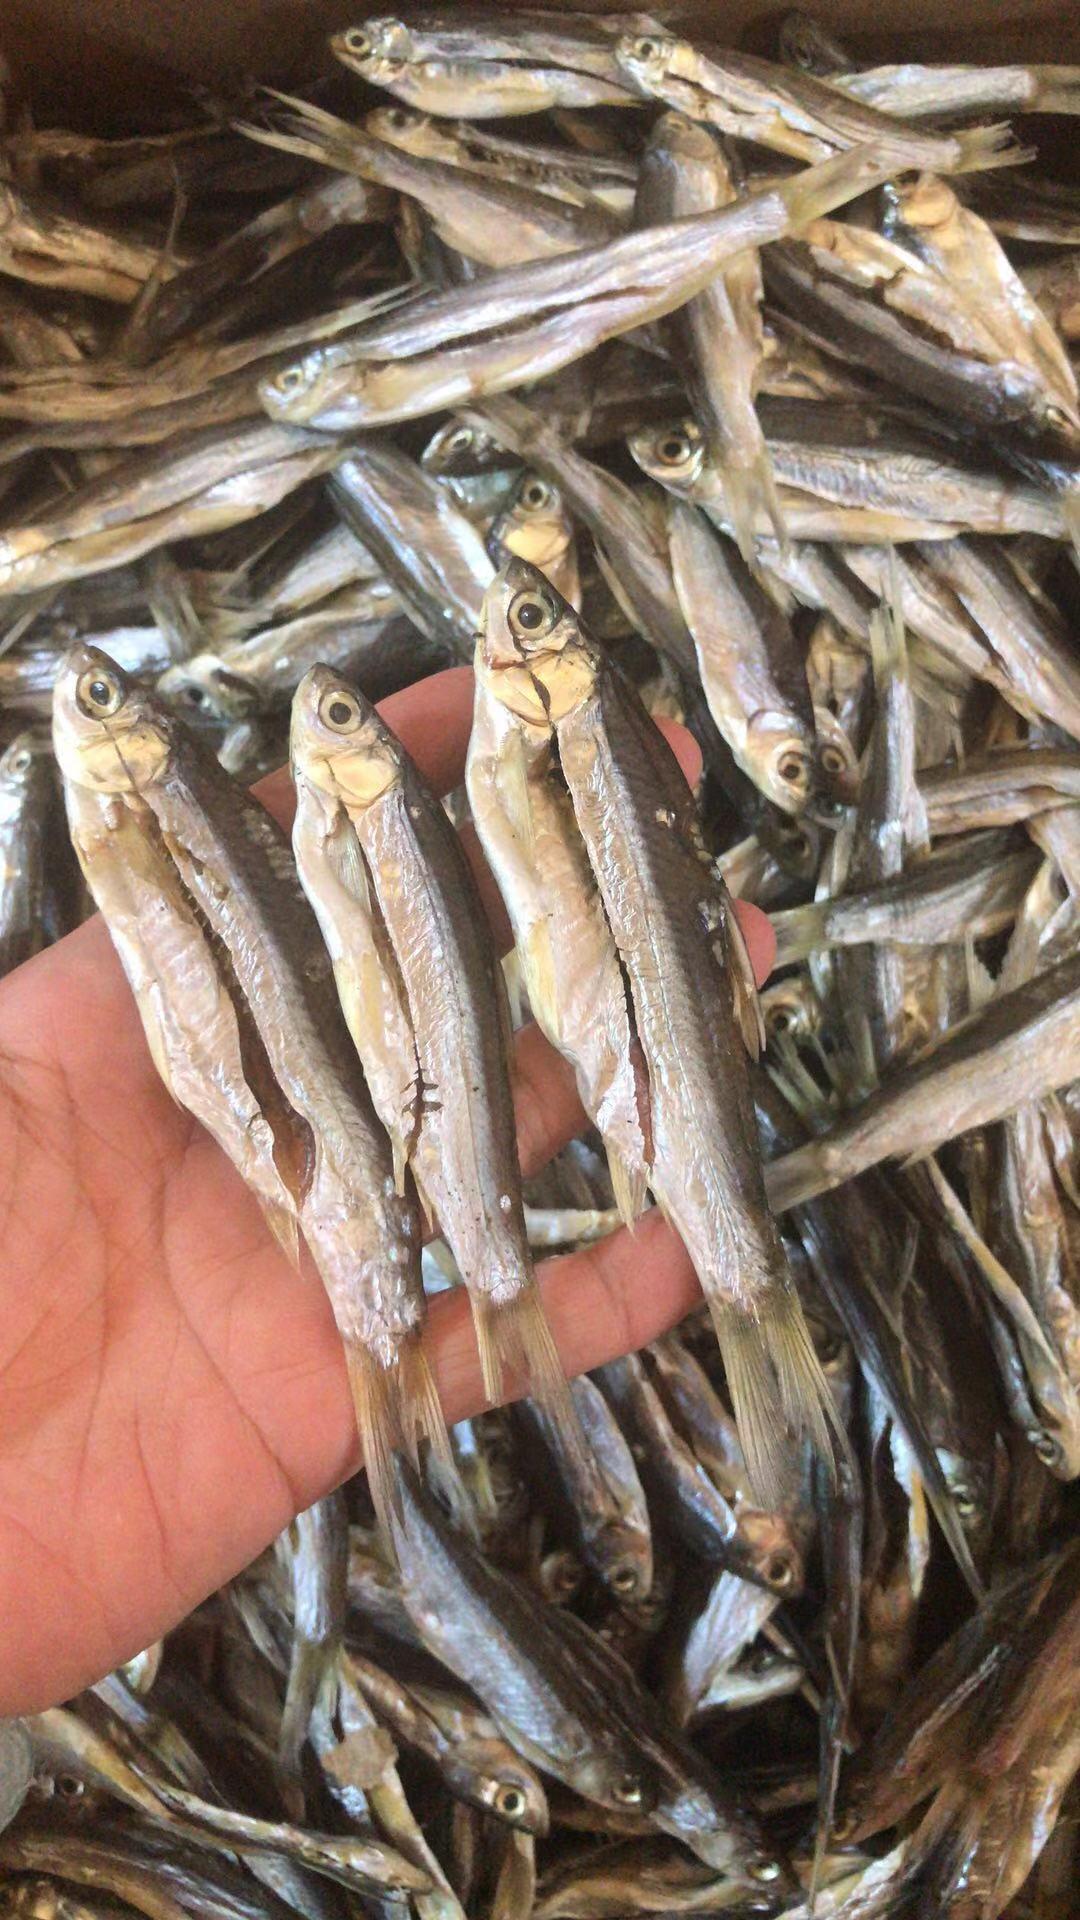 白条鱼刁子鱼餐鱼干腊鱼干咸鱼干鄱阳湖特产小干鱼